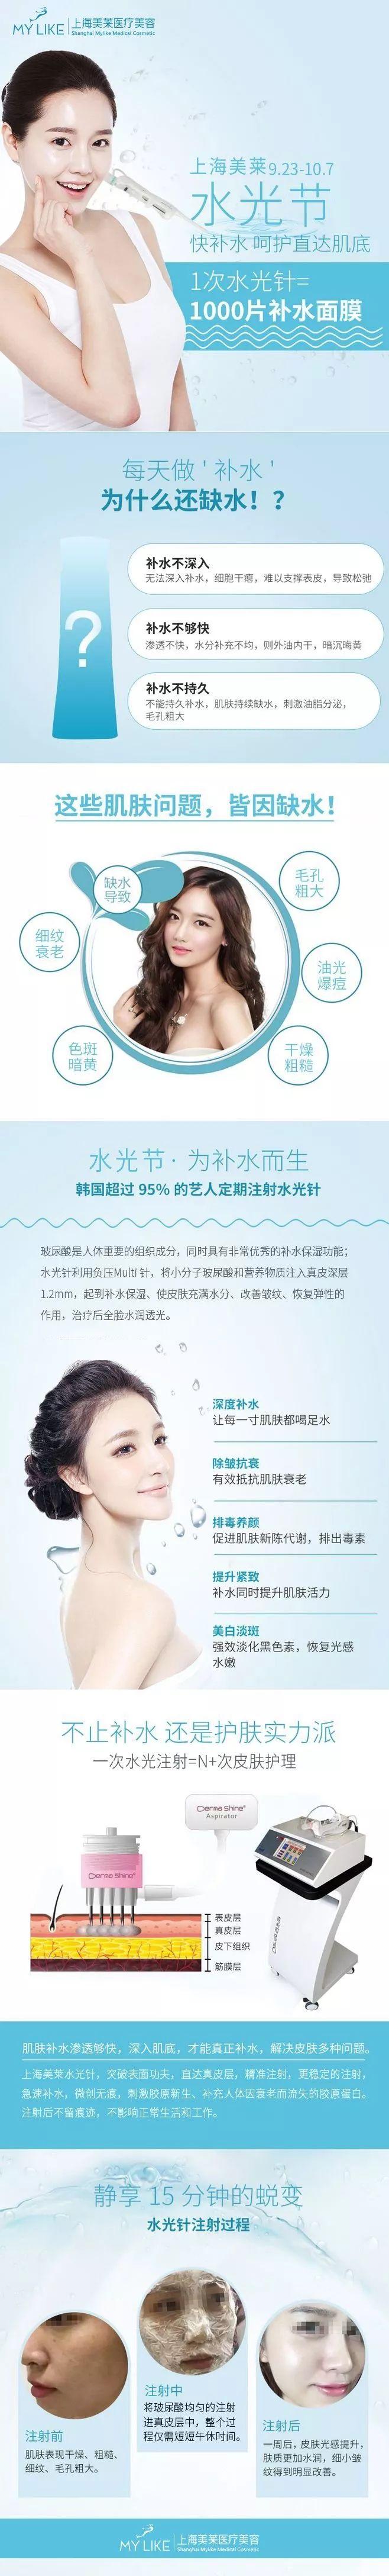 上海美莱9月23日-10月7日水光节|快补水-呵护直达肌底!